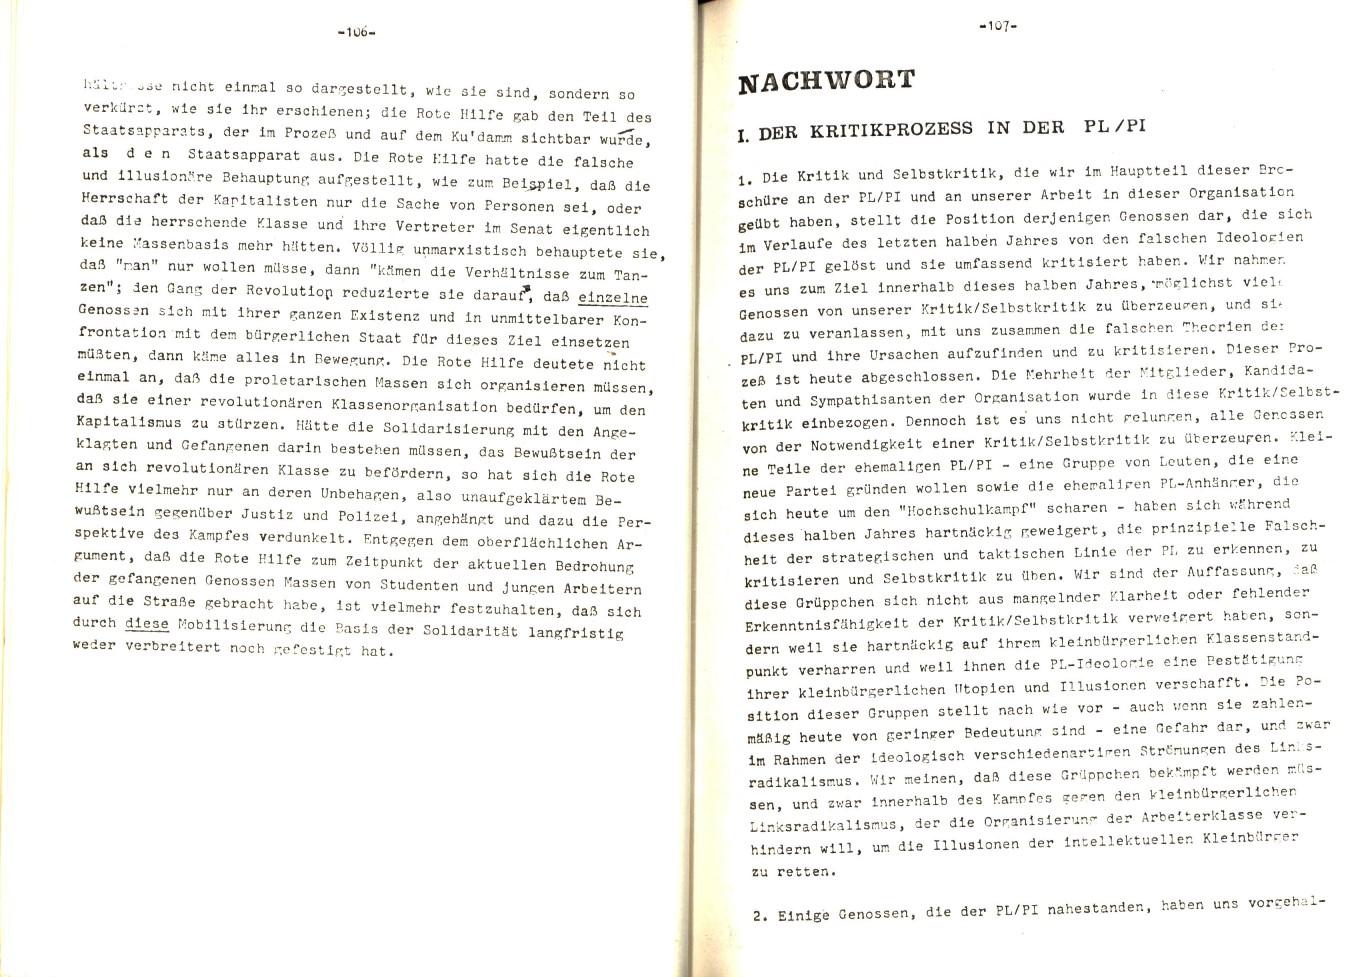 PLPI_1971_Aufloesung_56